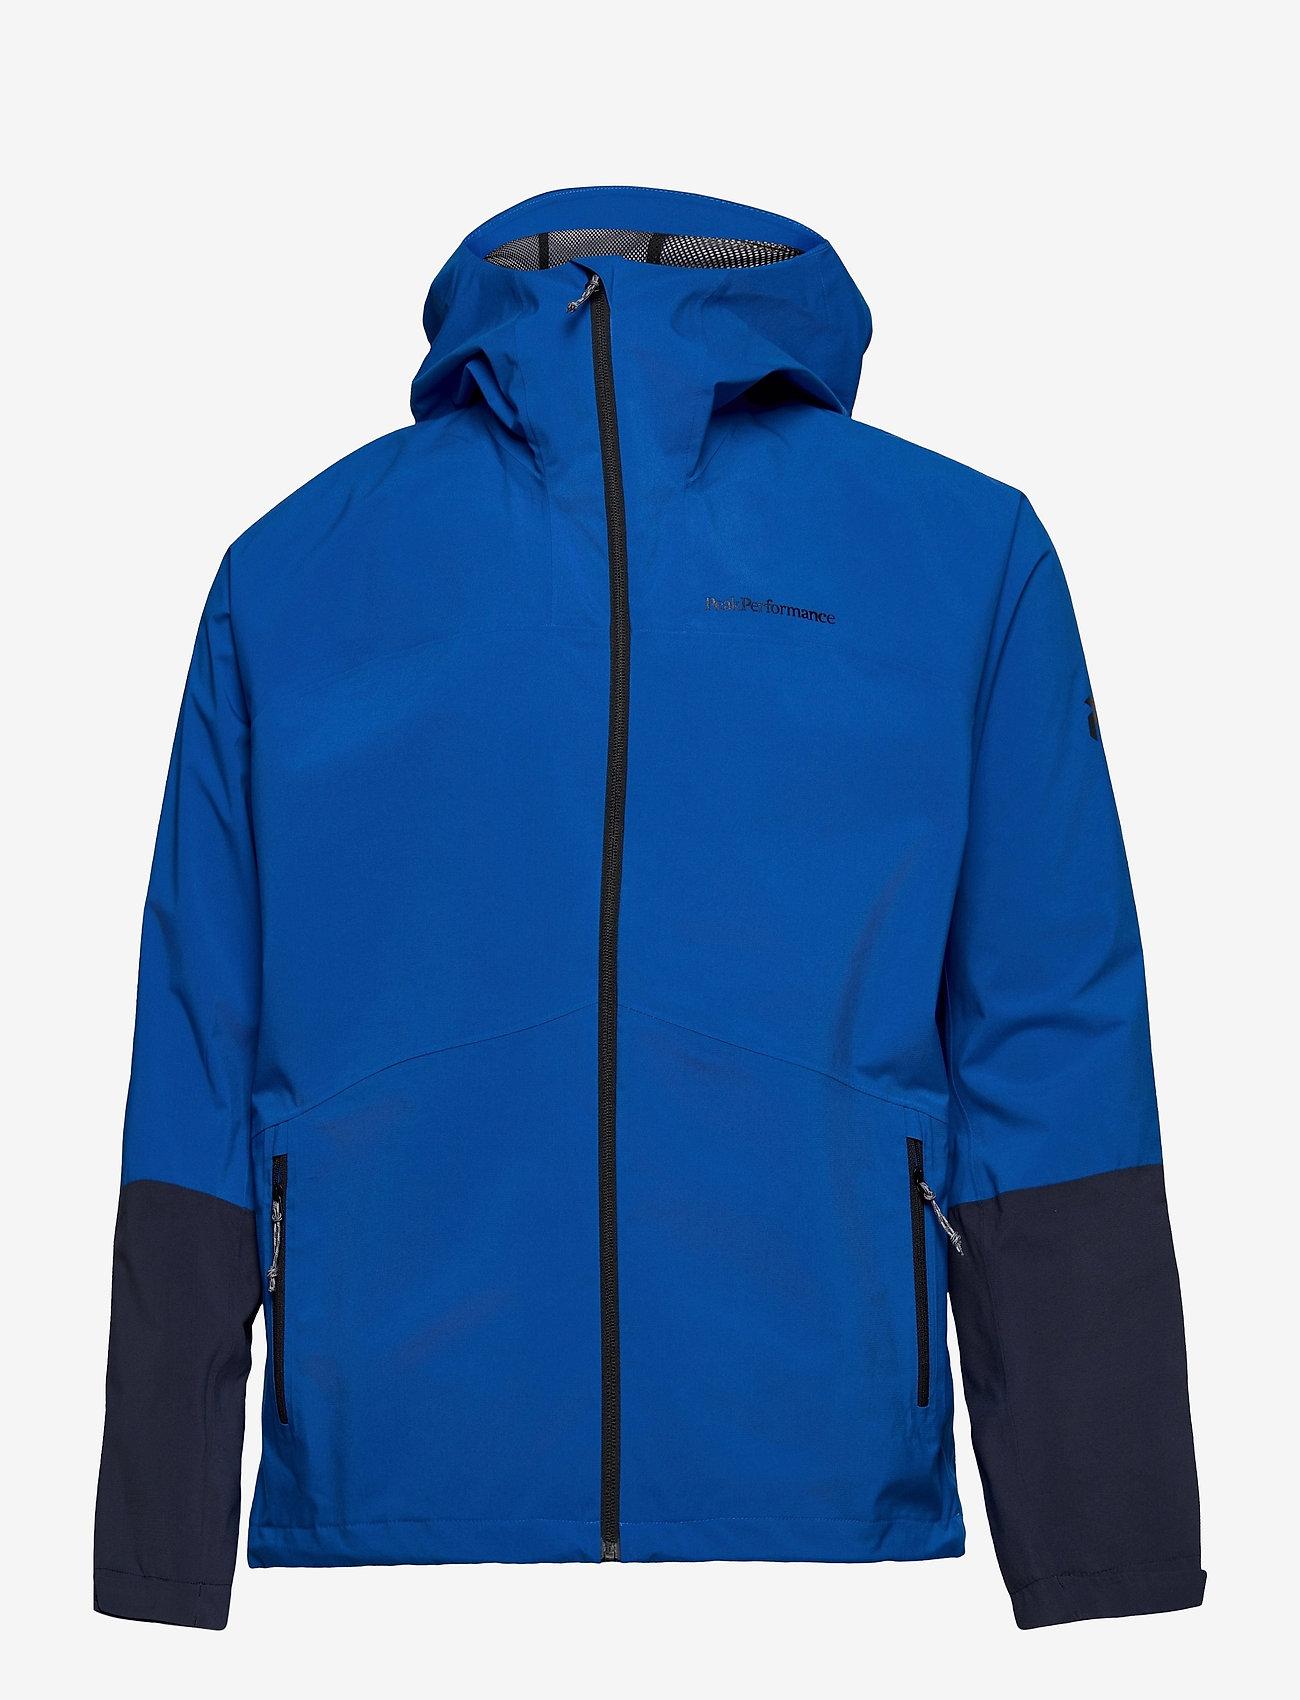 Peak Performance - M Nightbreak Jacket - ulkoilu- & sadetakit - arctic blue   blue shadow - 0